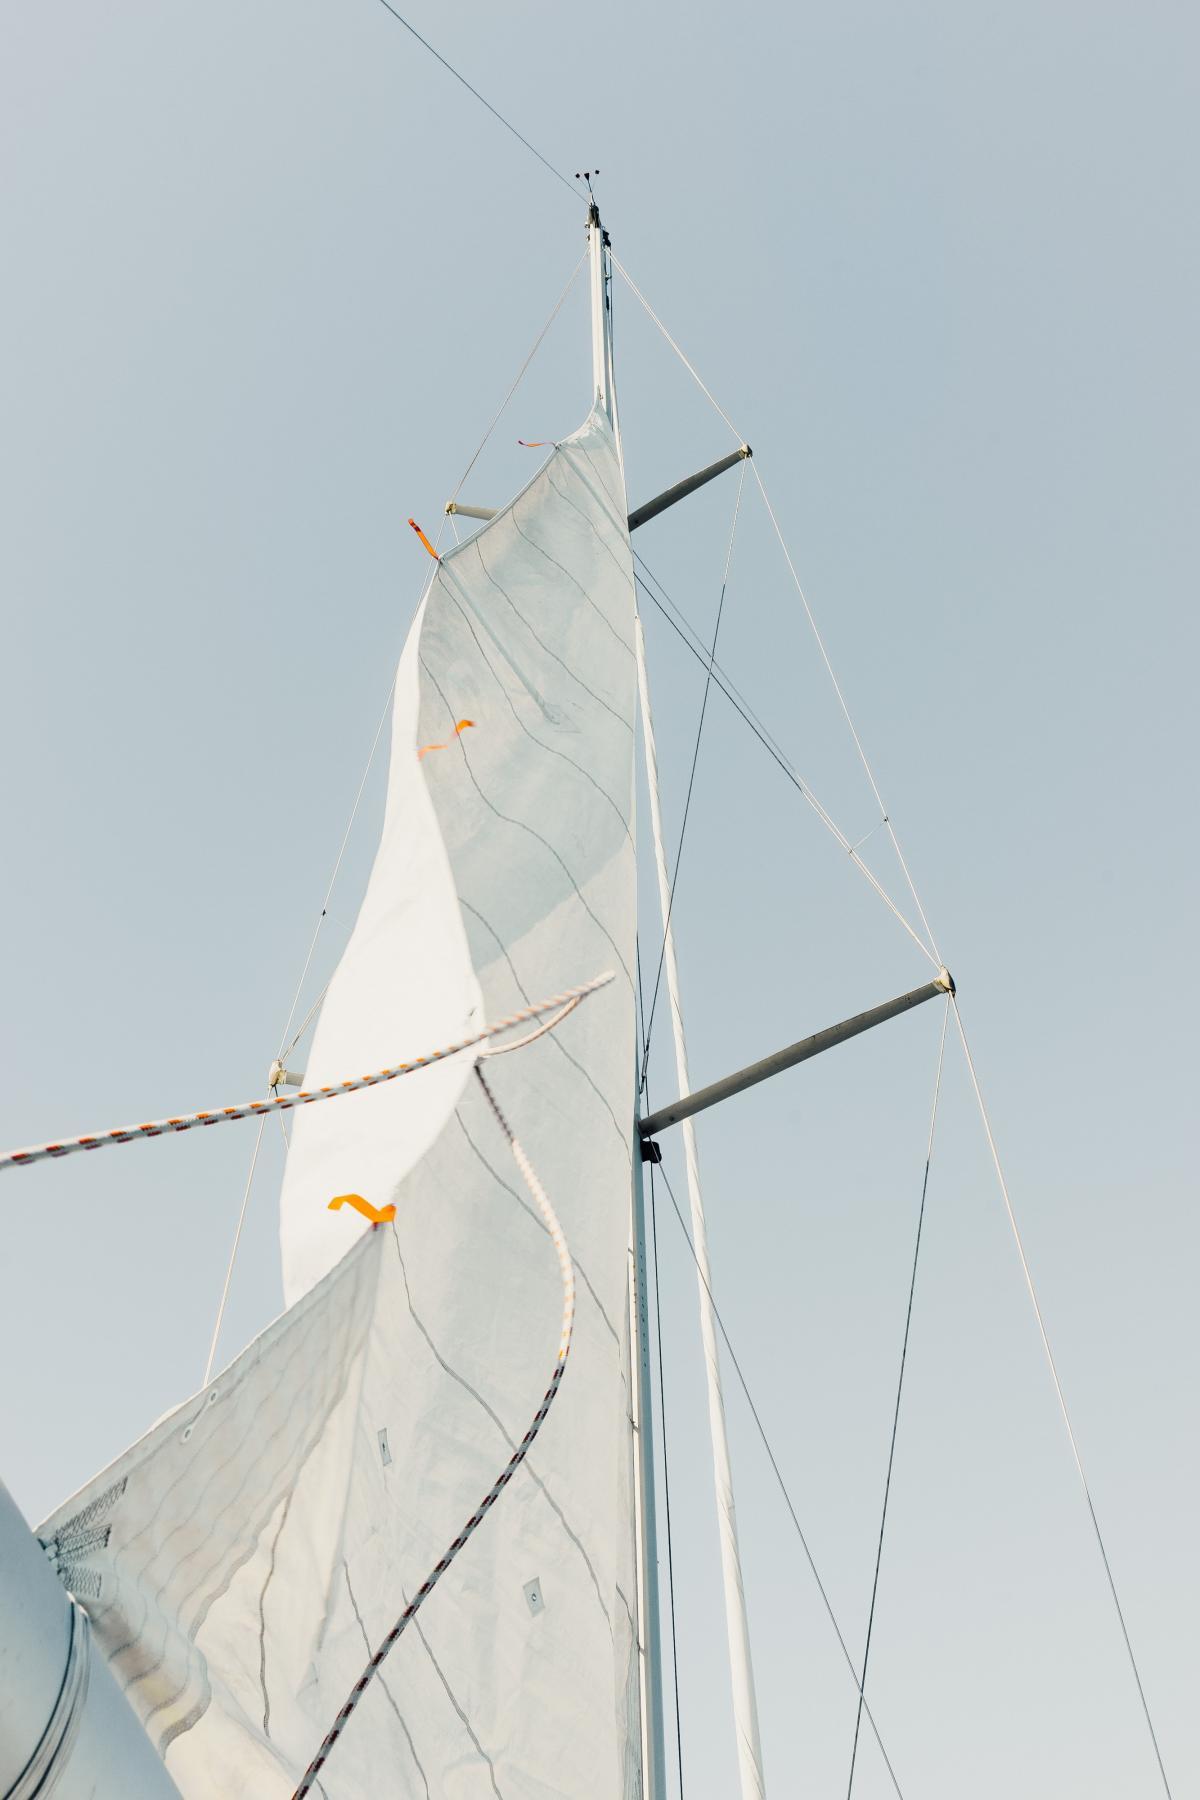 Royal Schooner Vessel